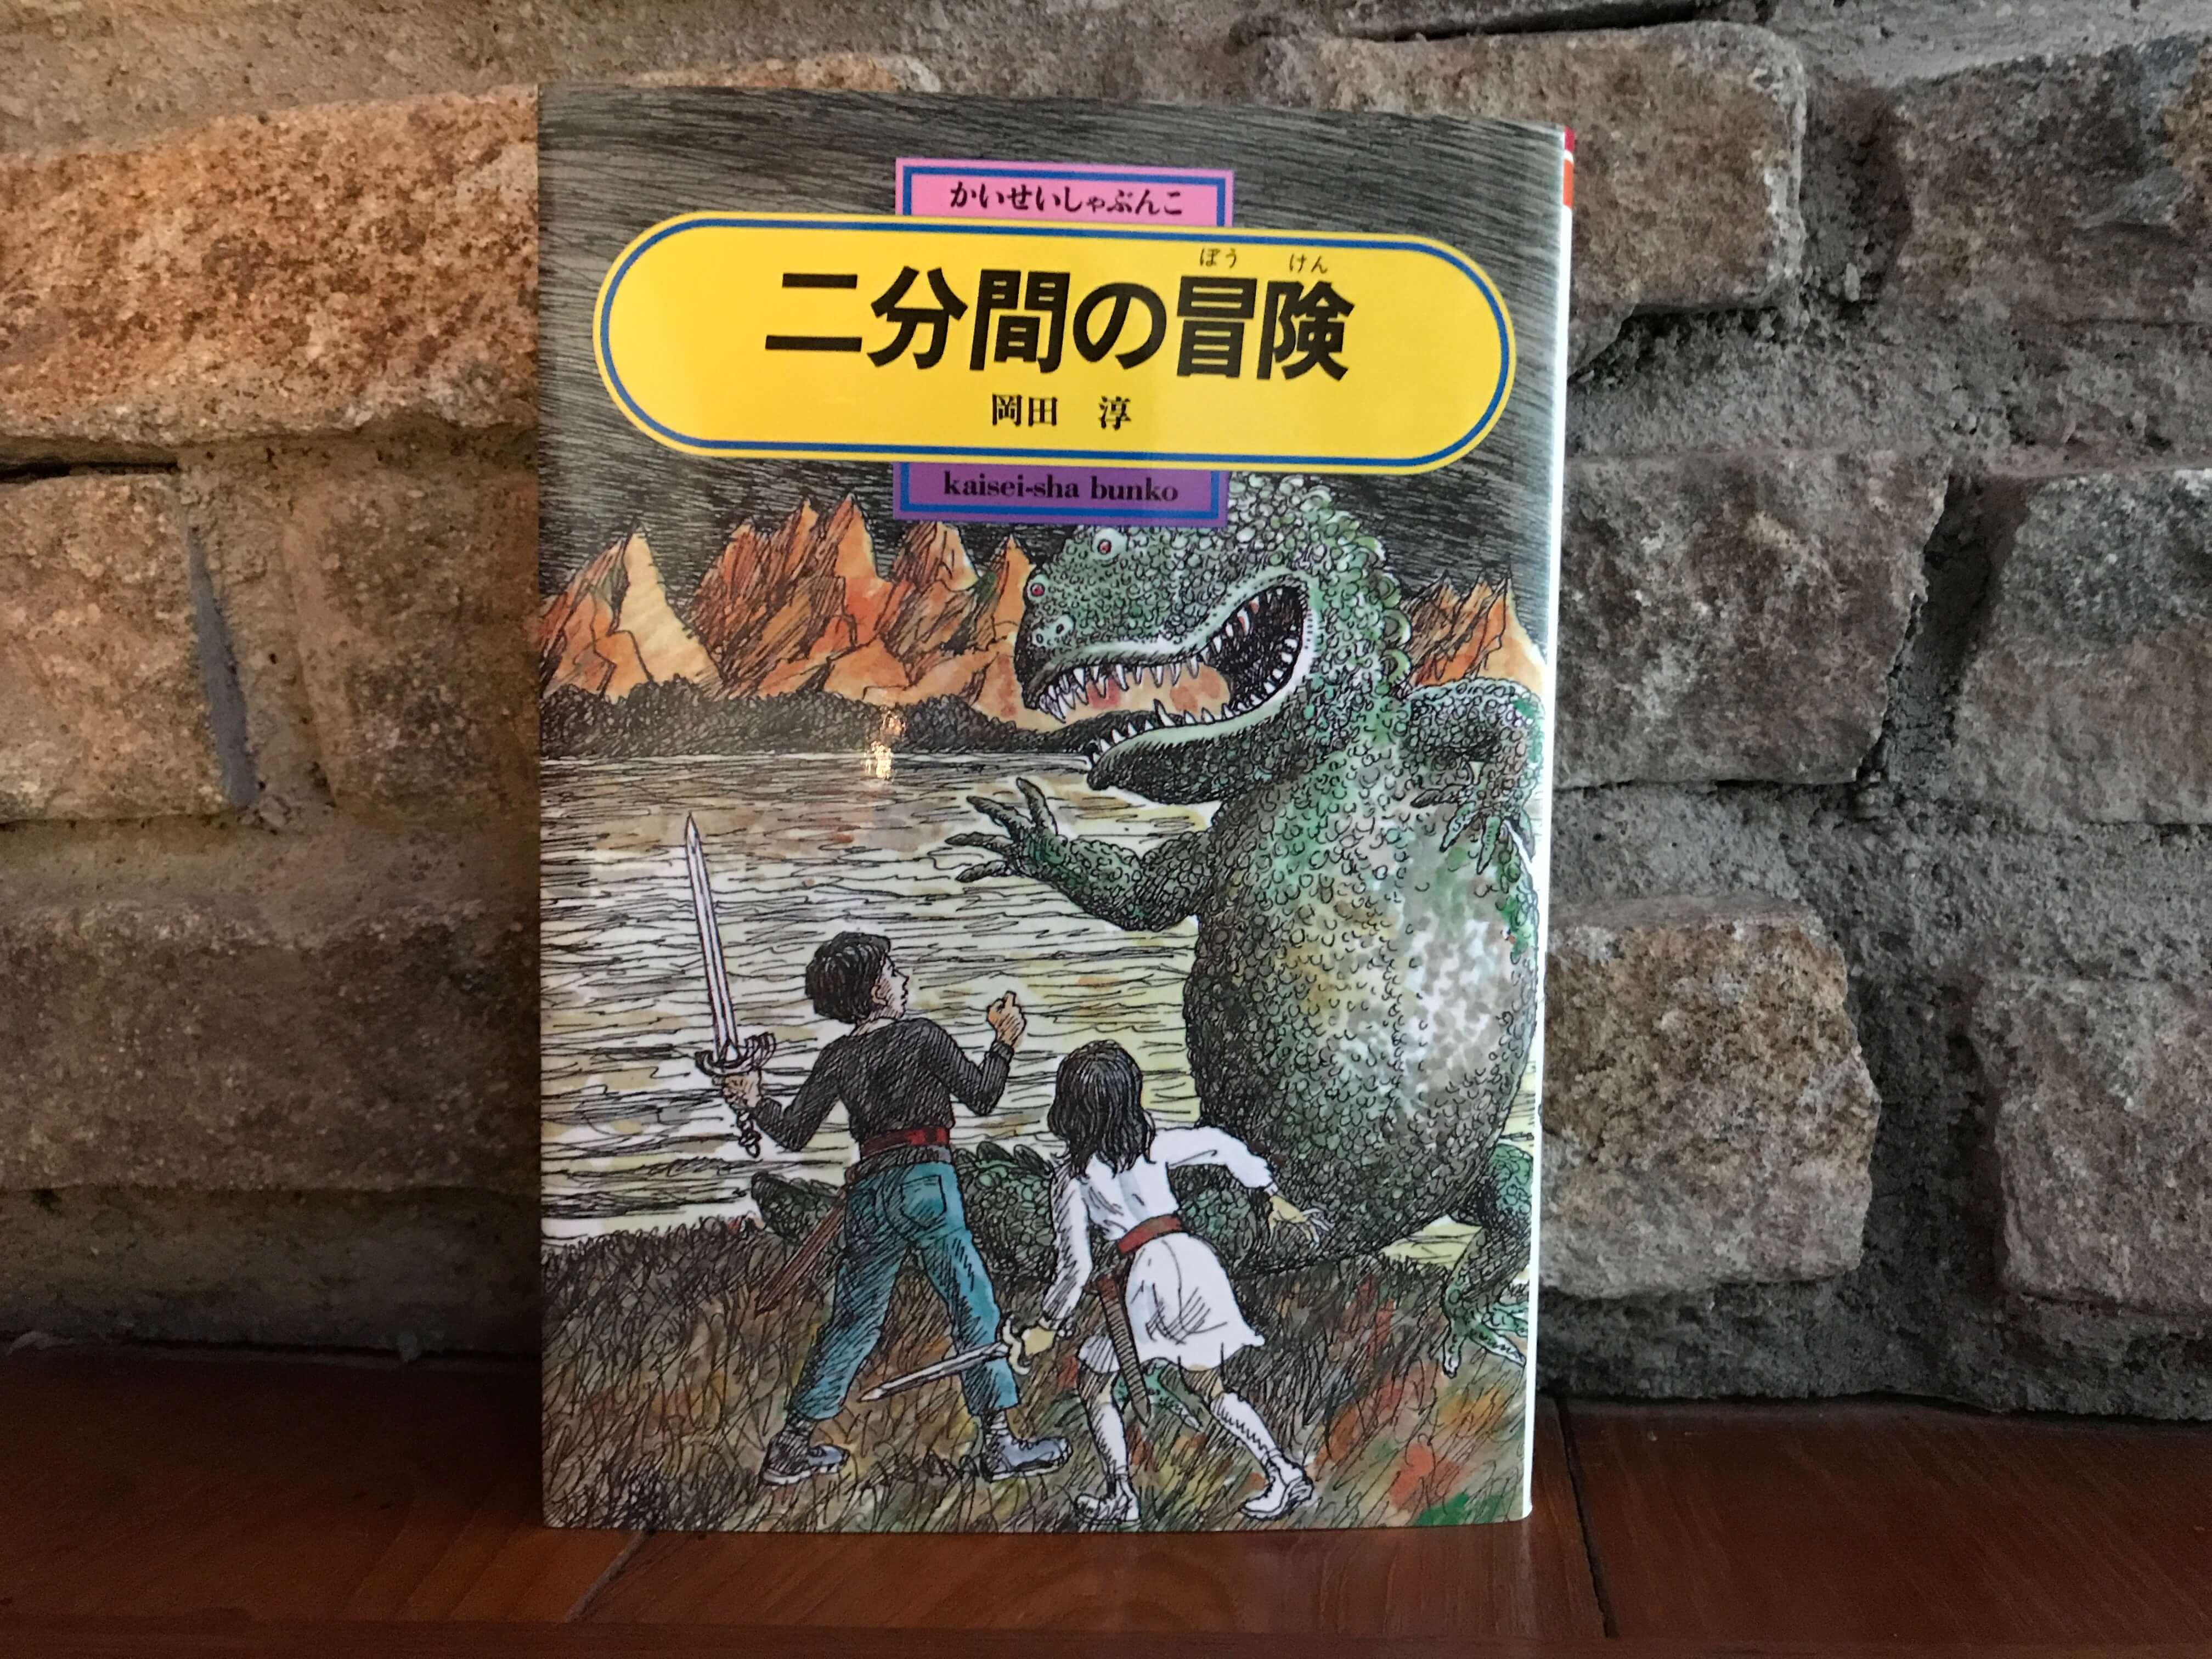 『二分間の冒険』(岡田淳、偕成社の創作)